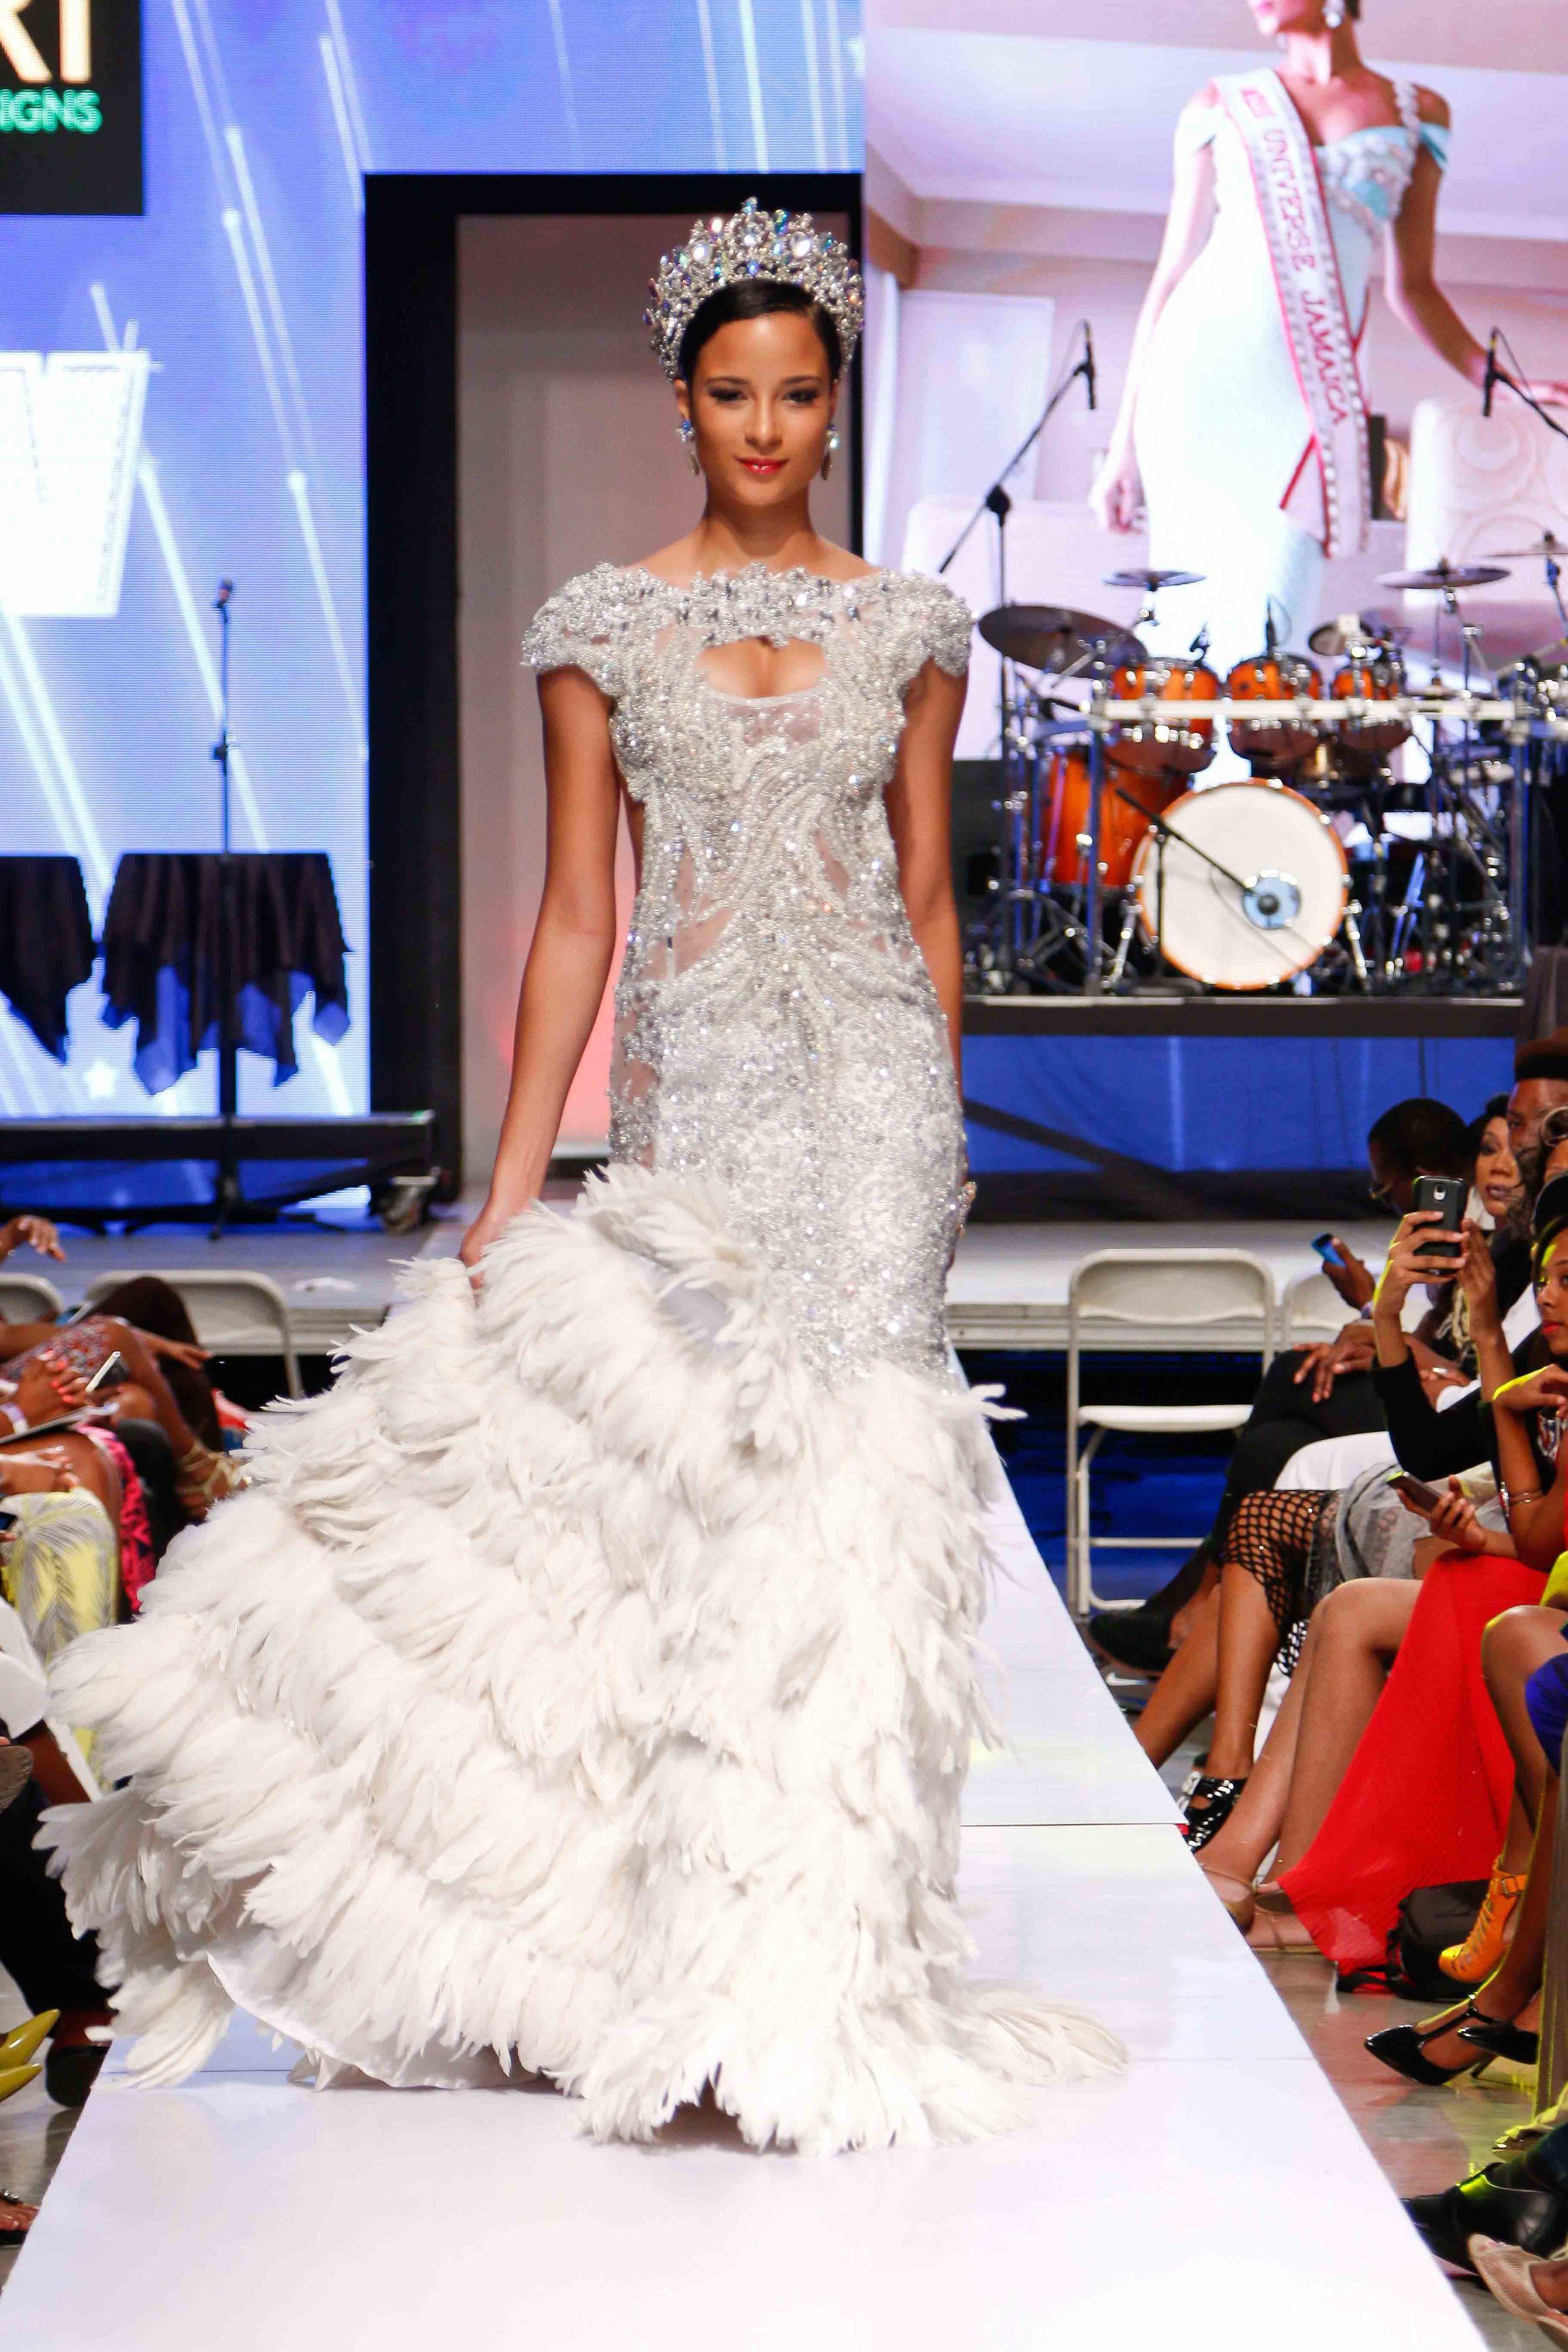 Uzuri x Kaci Fennell - Caribbean Fashion Week 2015